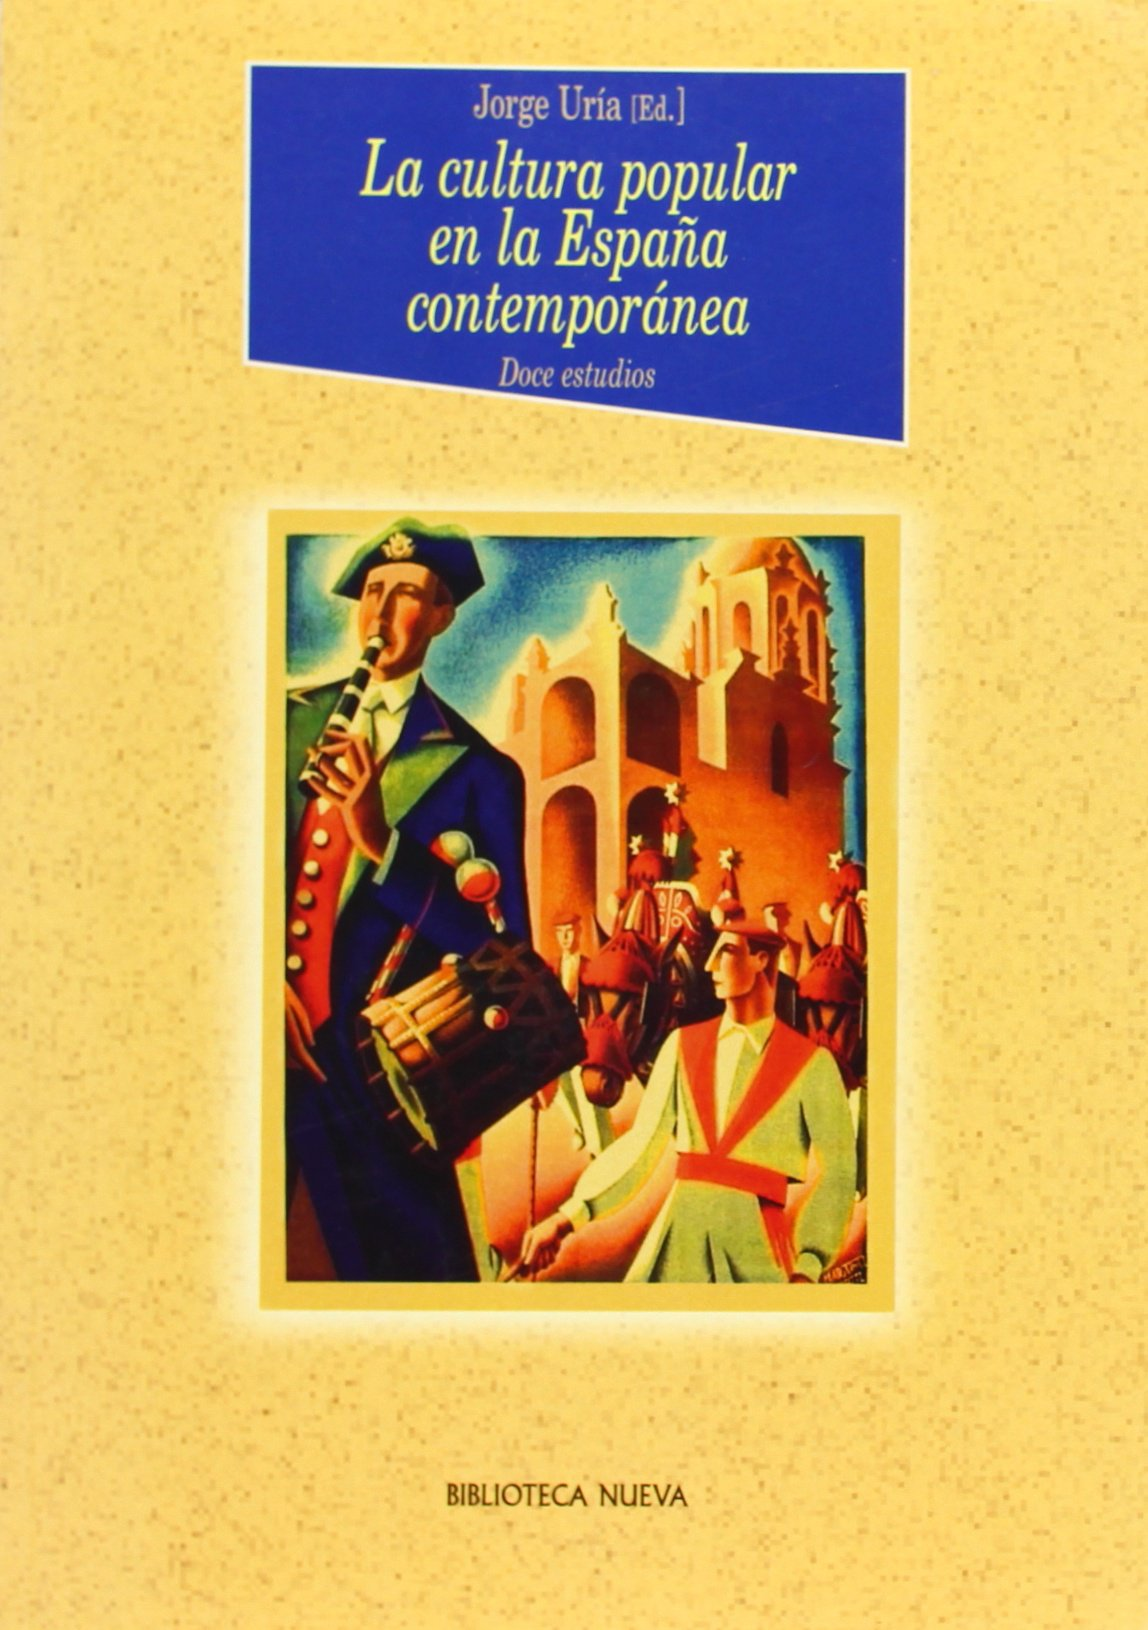 La cultura popular en la España contemporánea Historia Biblioteca Nueva: Amazon.es: VV. AA., Uría, Jorge (Ed.): Libros